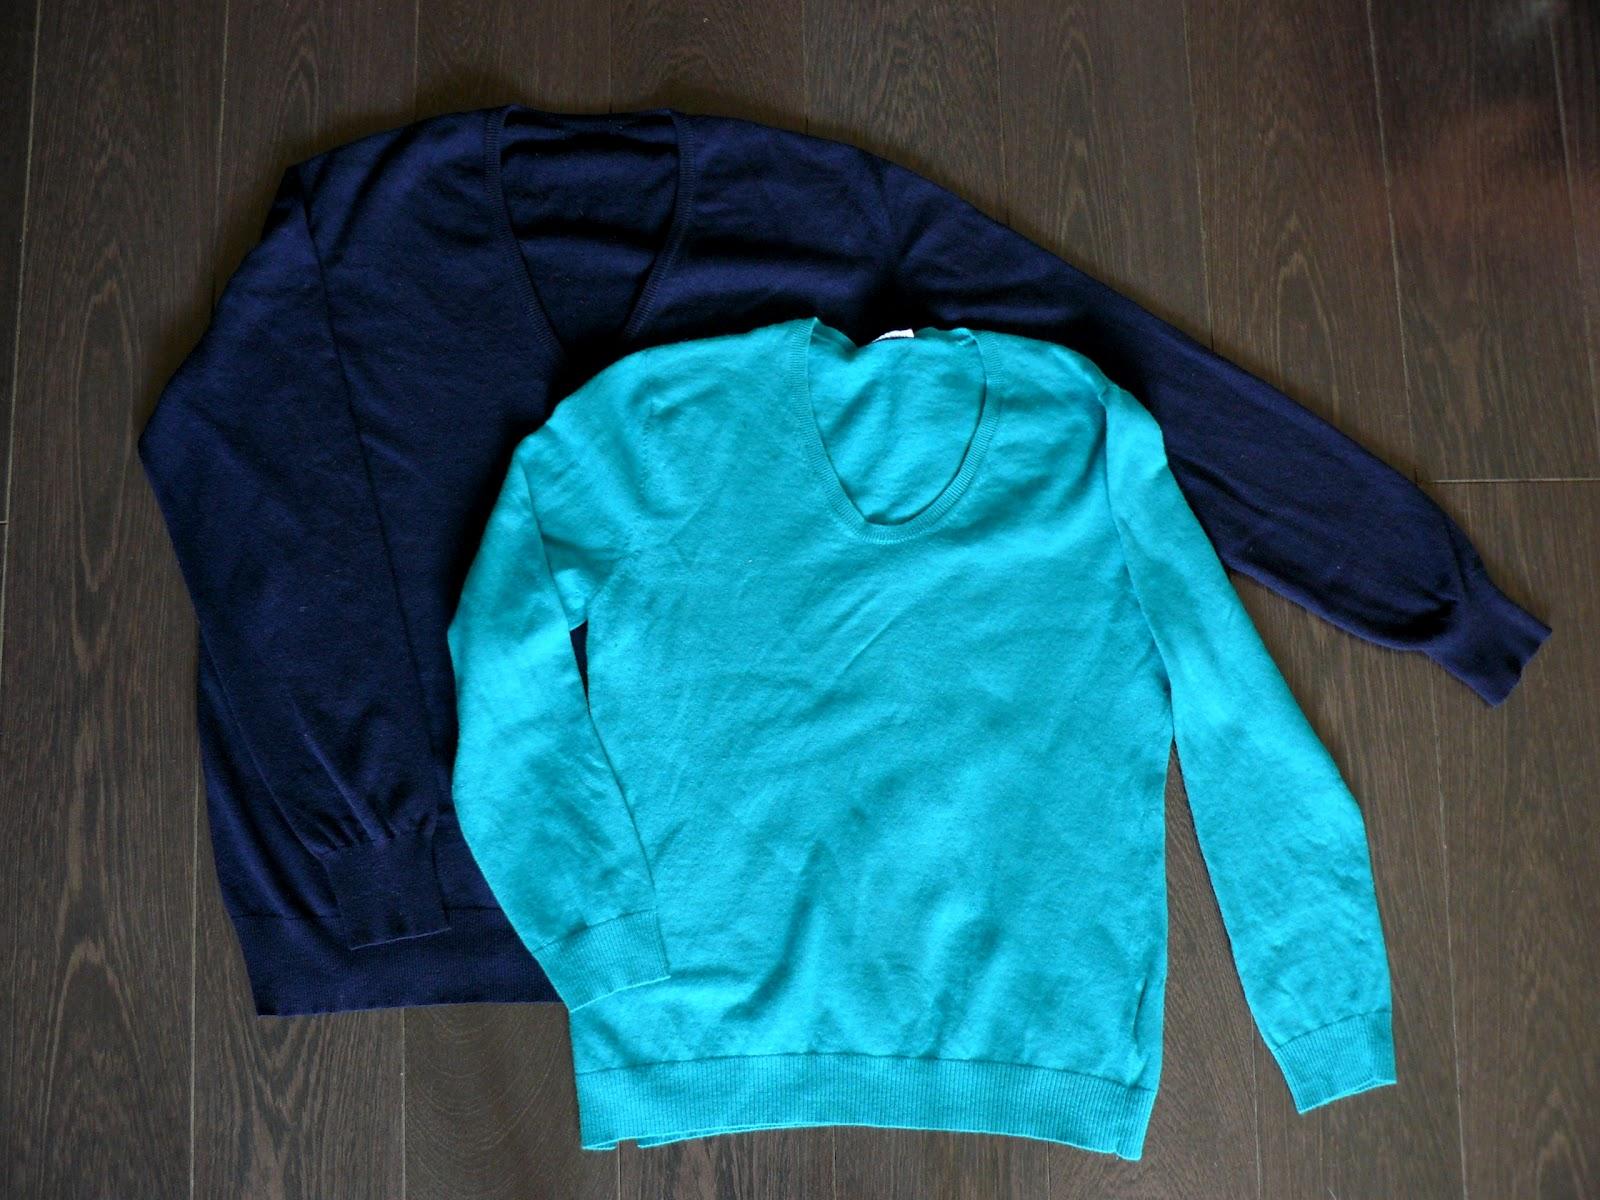 Мужские и женские свитера одинаковые